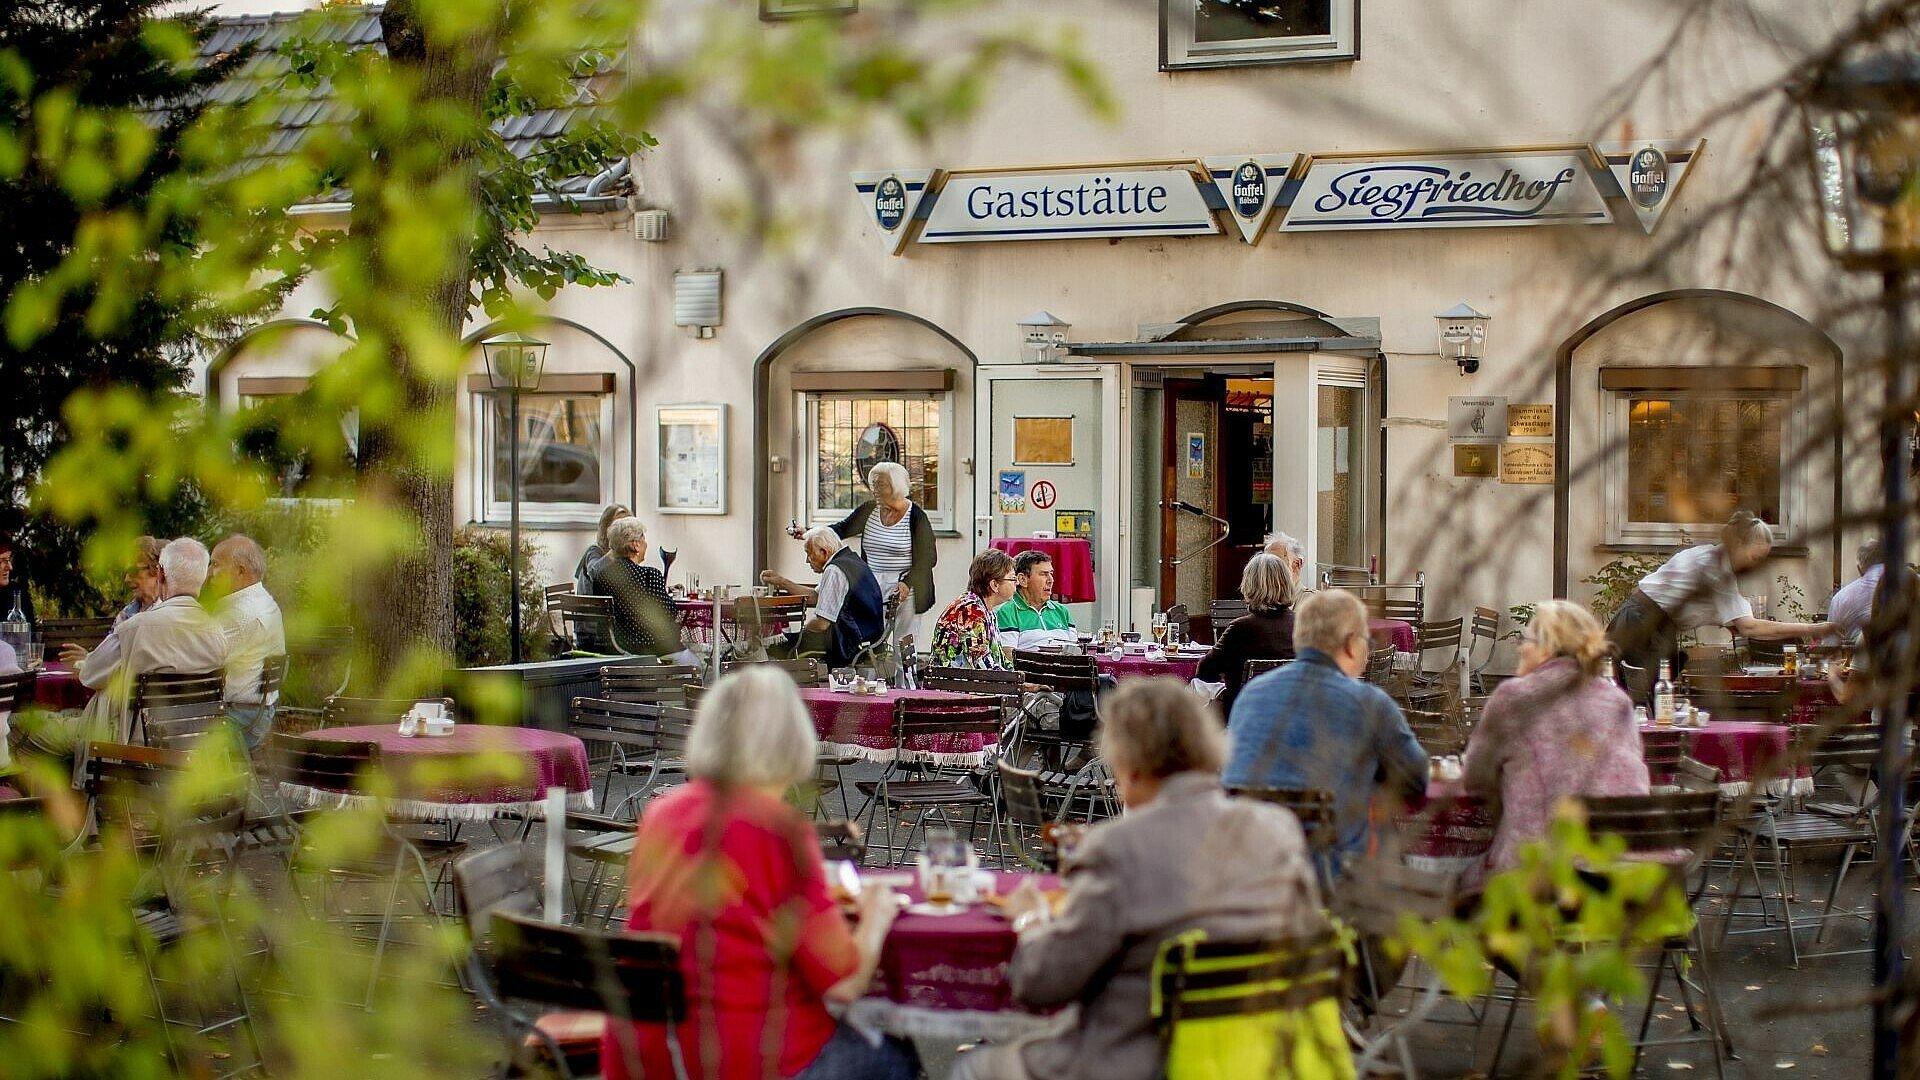 Aktuelles Foto vom Biergarten der Gaststätte Siegfriedhof in Mauenheim